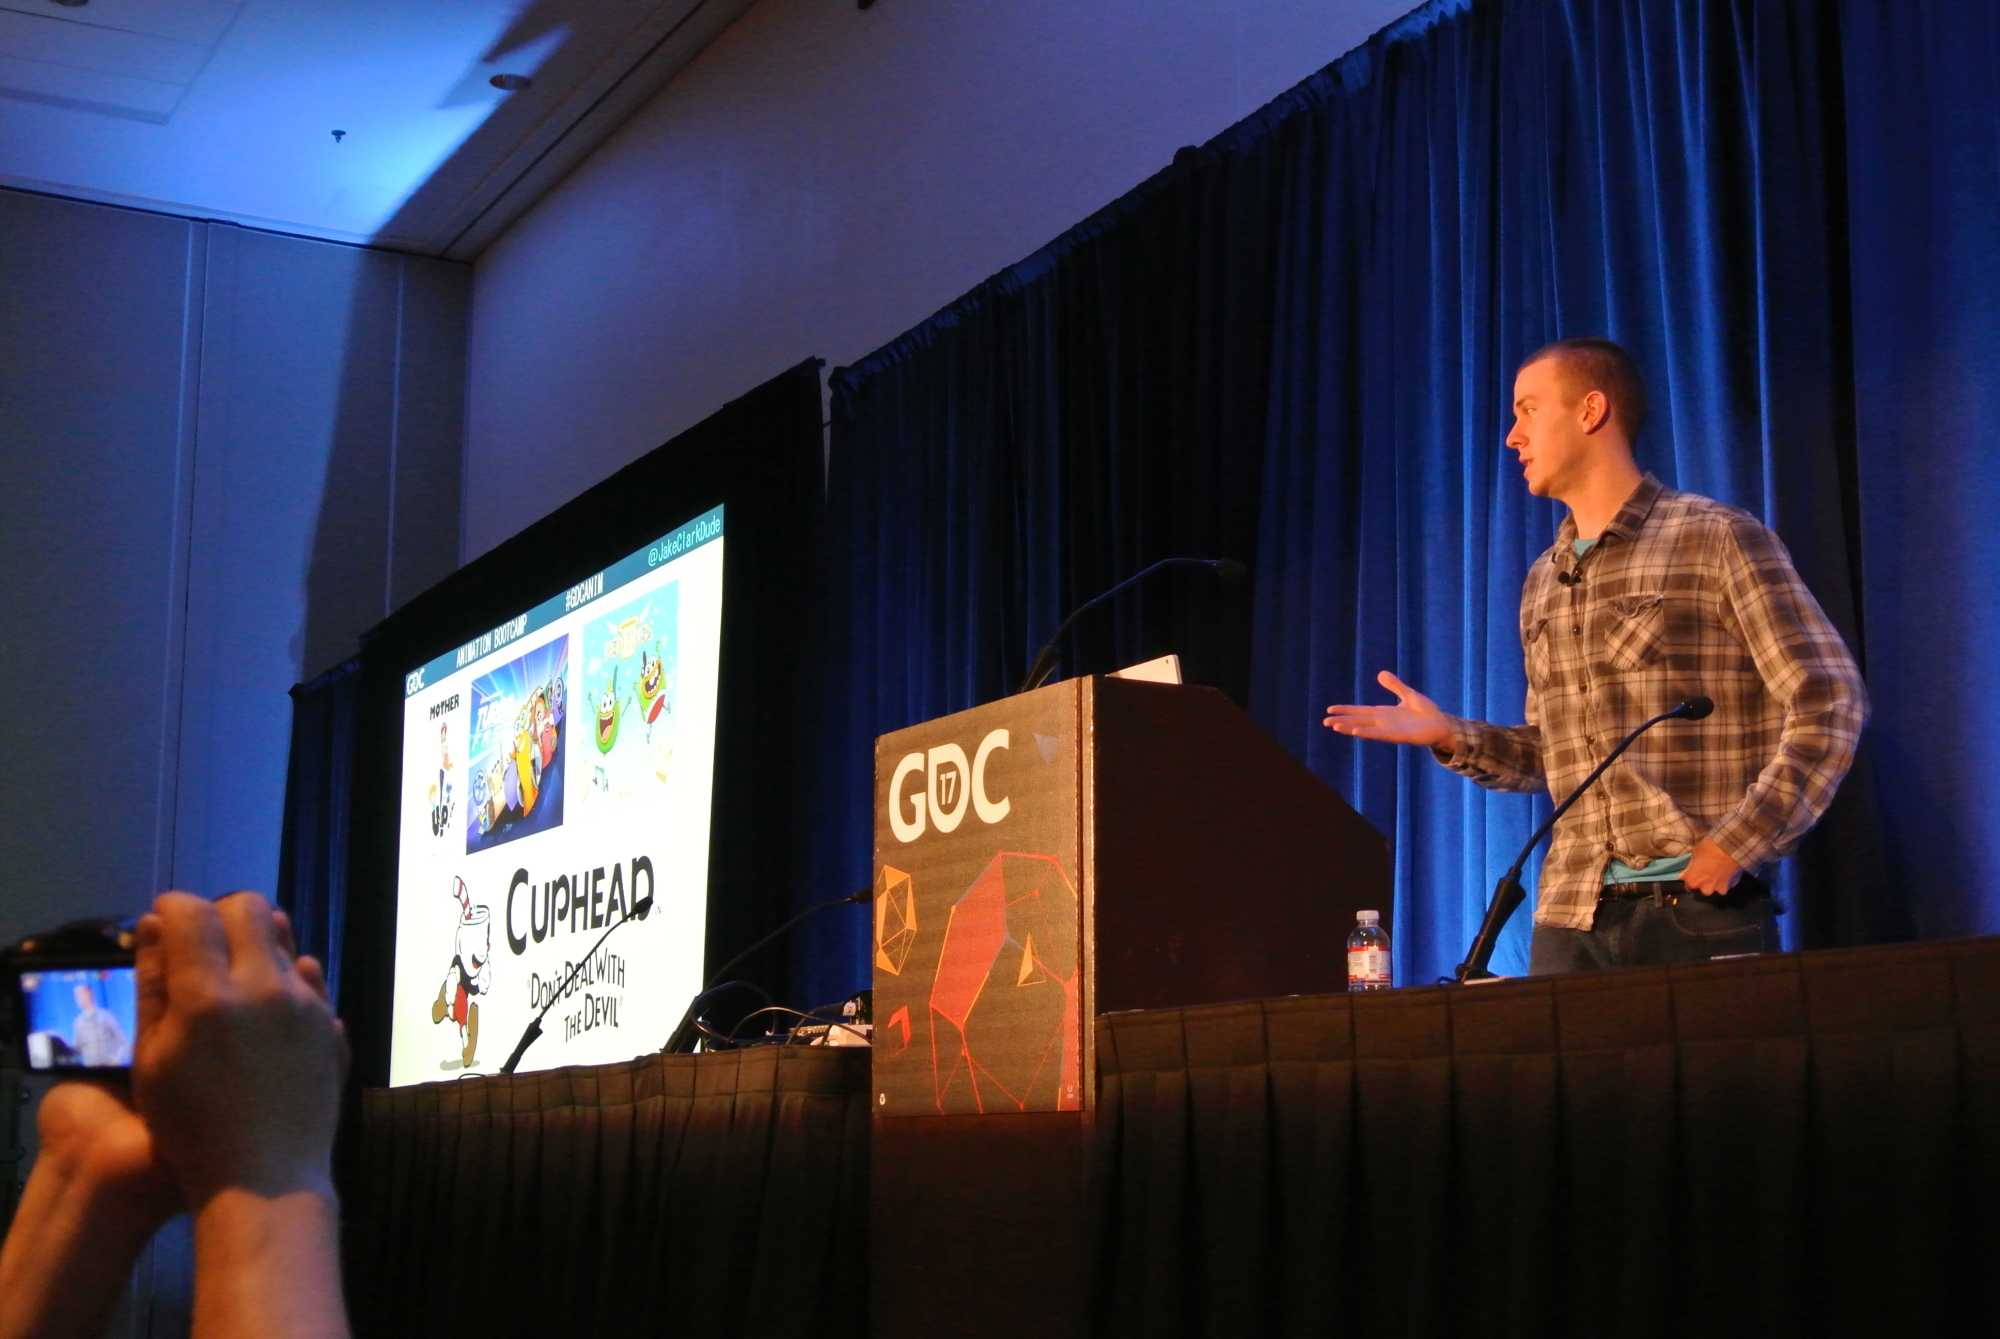 Cuphead ist das erste Videospiel, an dem Jake Clark als Grafiker und Animator arbeitet.